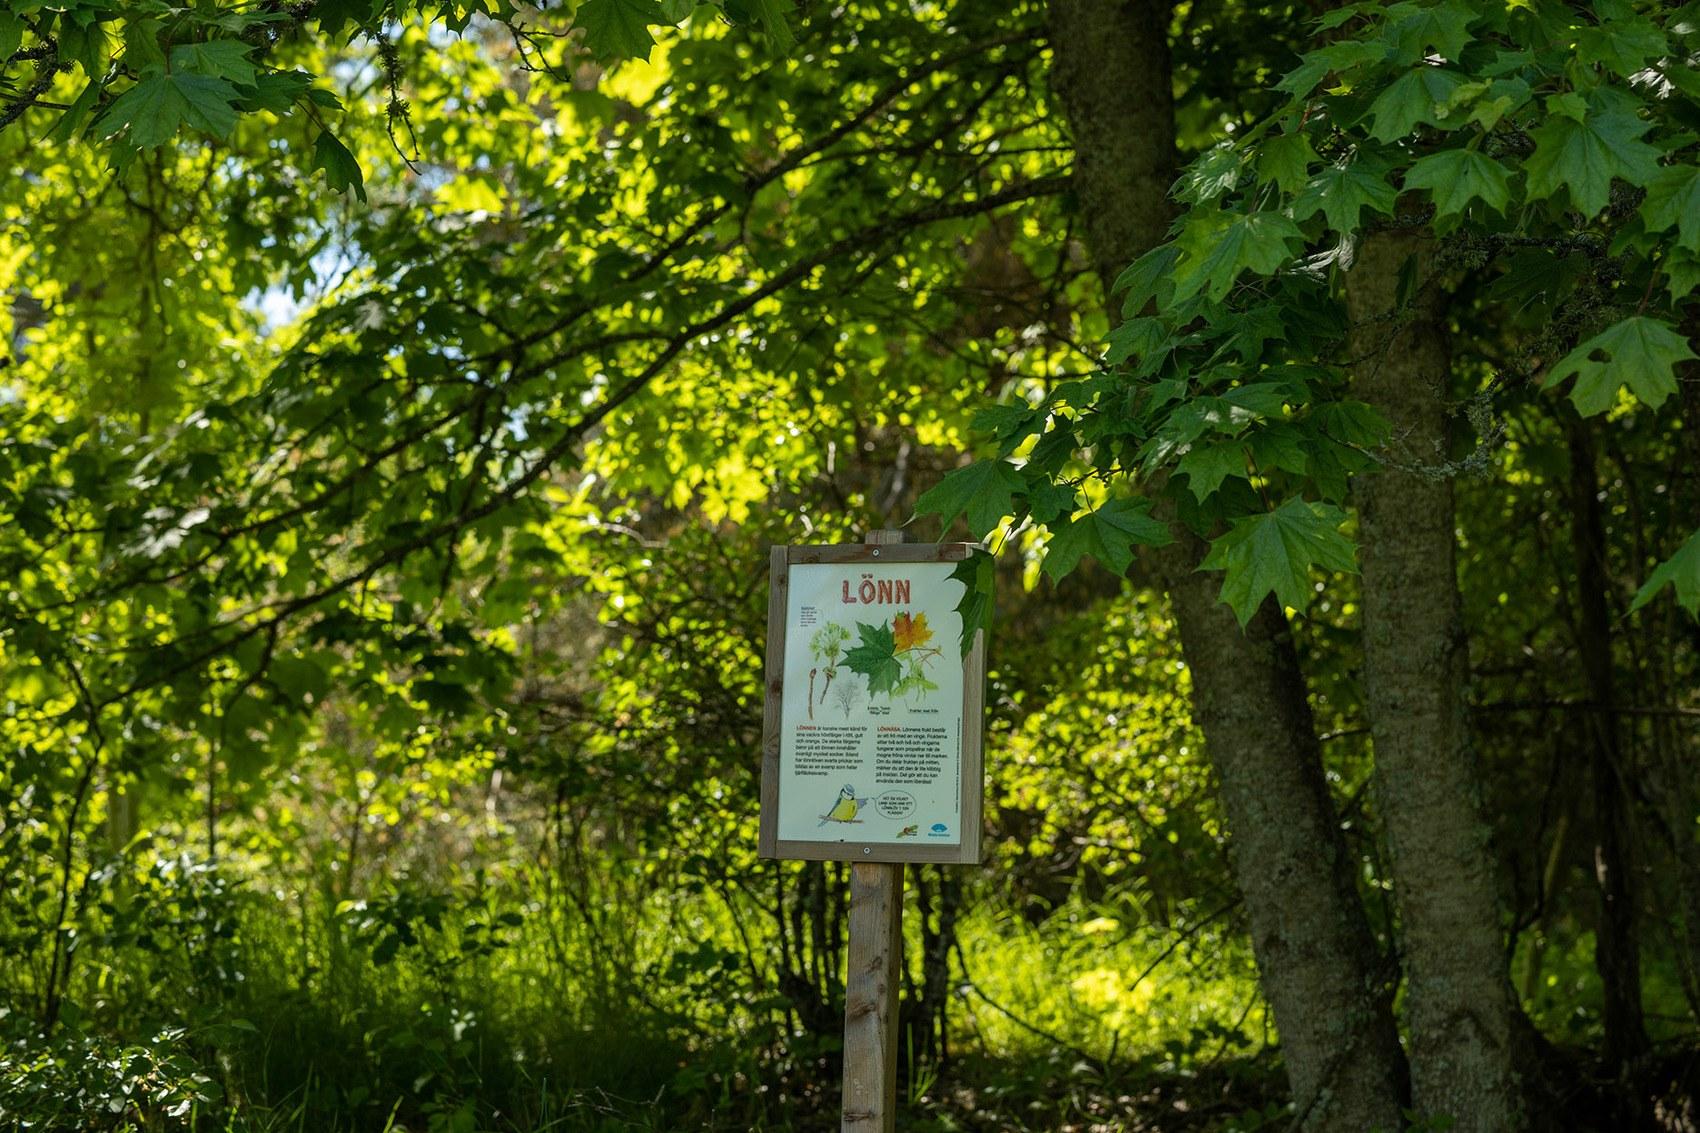 """Ett stort lönnträd i bakgrunden med fokus på en skylt som det står """"Lönn"""" på"""